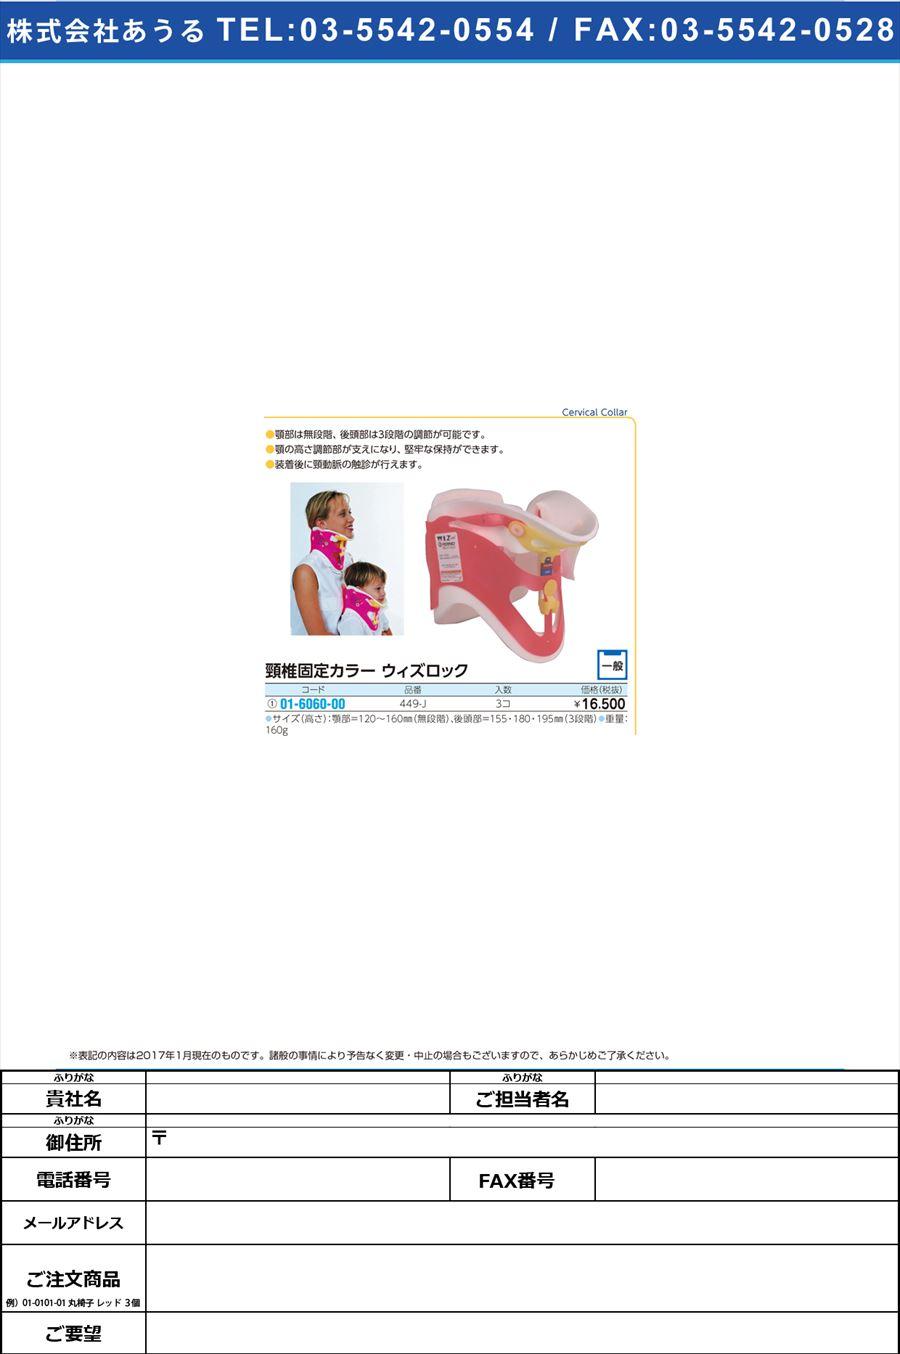 ウィズロック ウィズロック 449-J(3イリ)(01-6060-00)【1箱単位】【2017年カタログ商品】